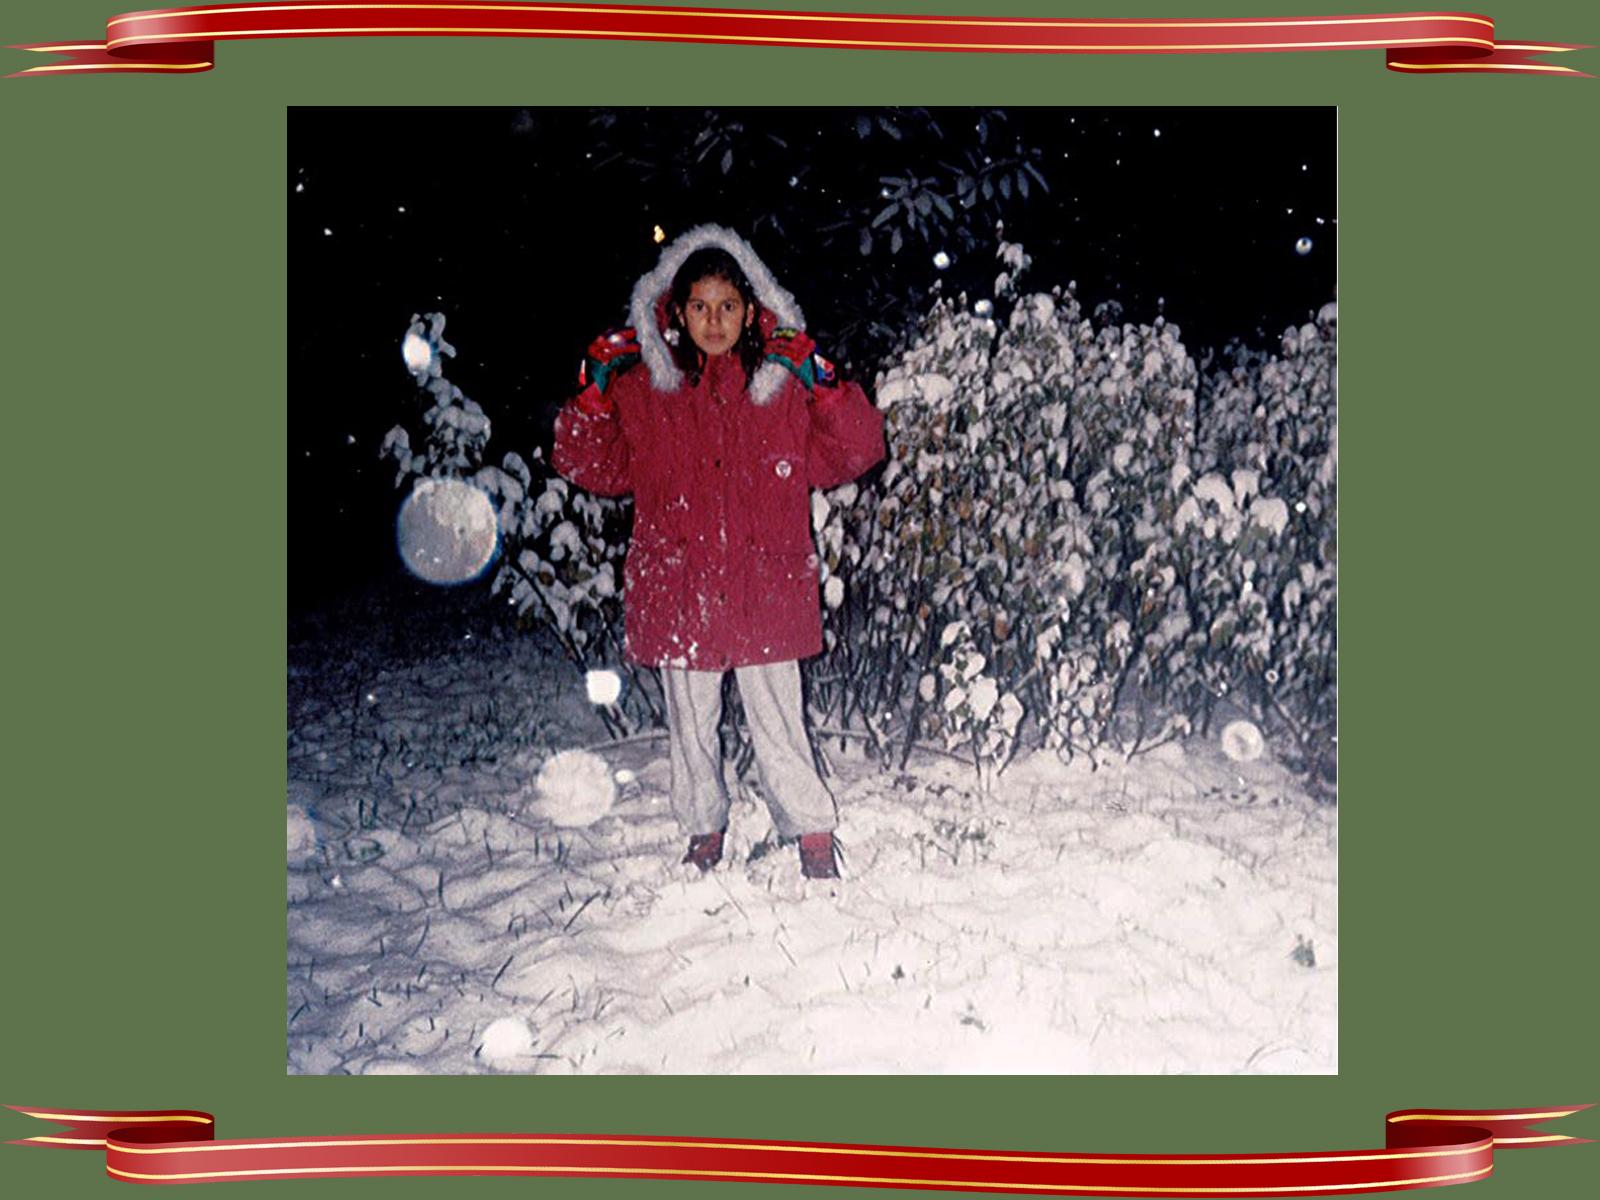 As ausências na noite de Natal não podem distanciar as famílias (8)